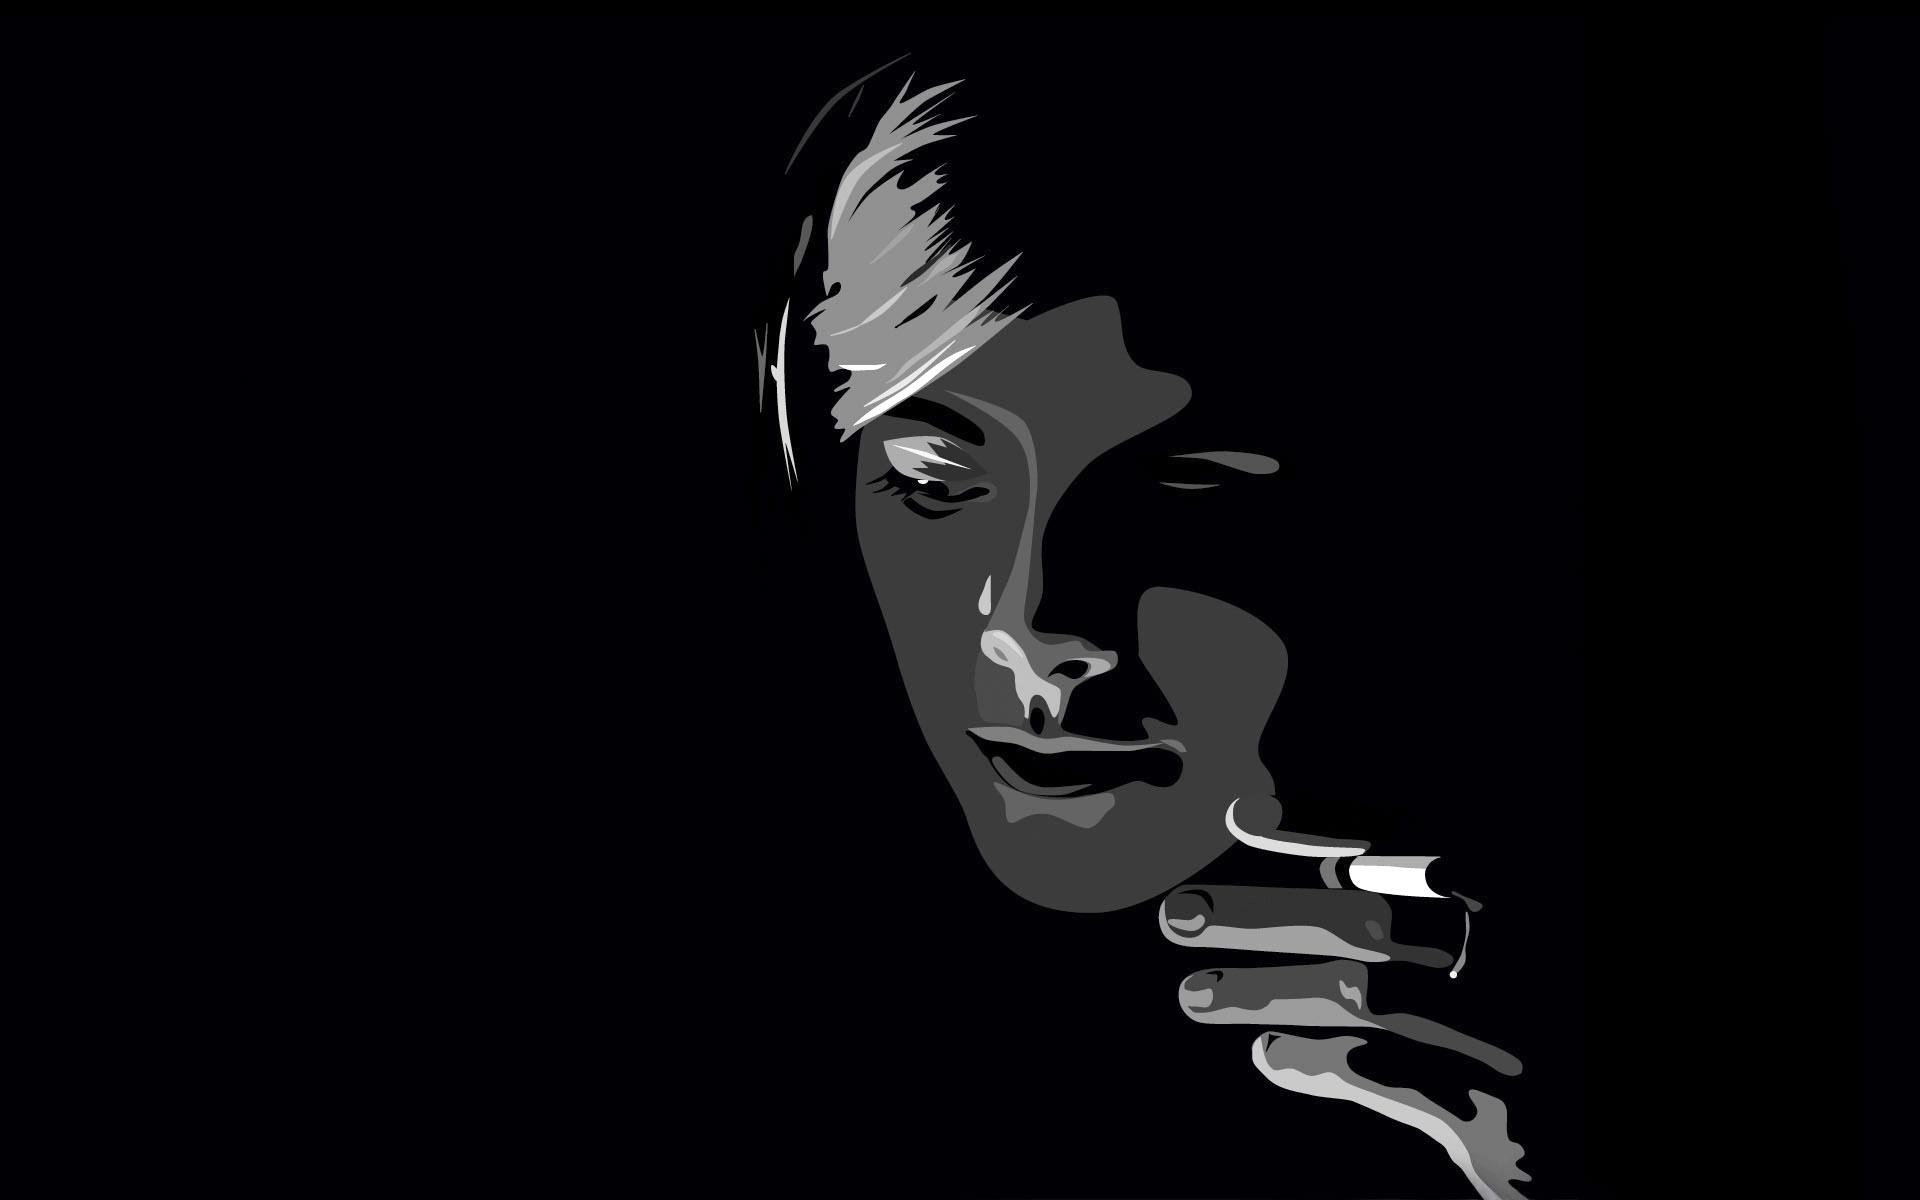 黑色背景专辑-设计欣赏-素材中国-online.sccnn.com